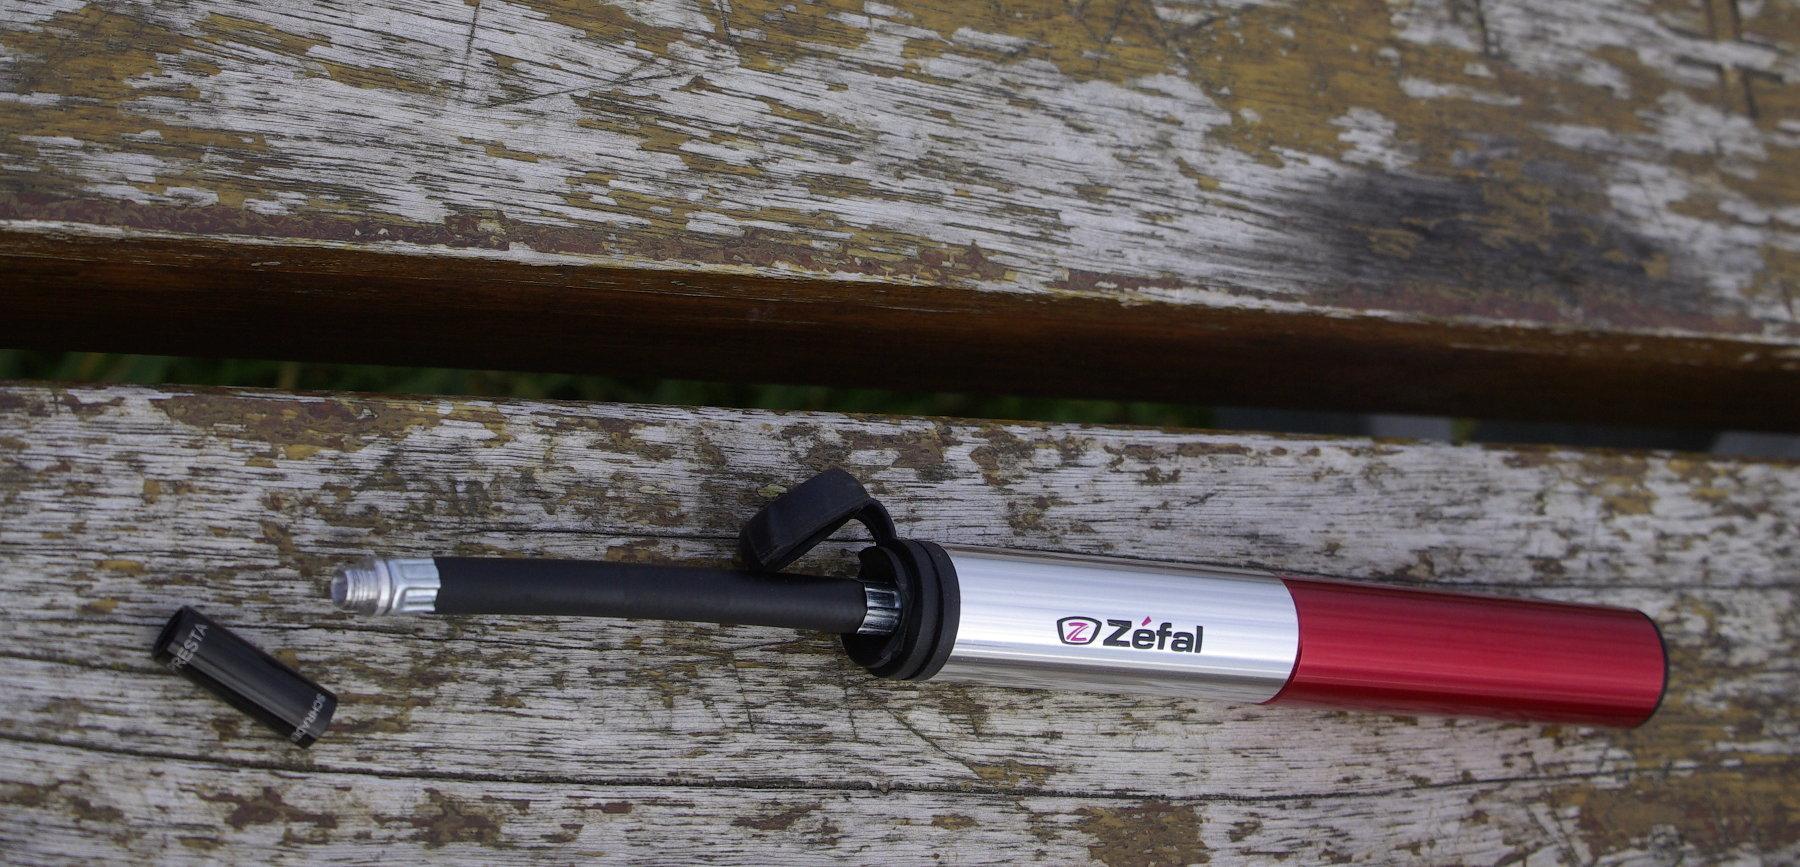 mini-pompe zefal